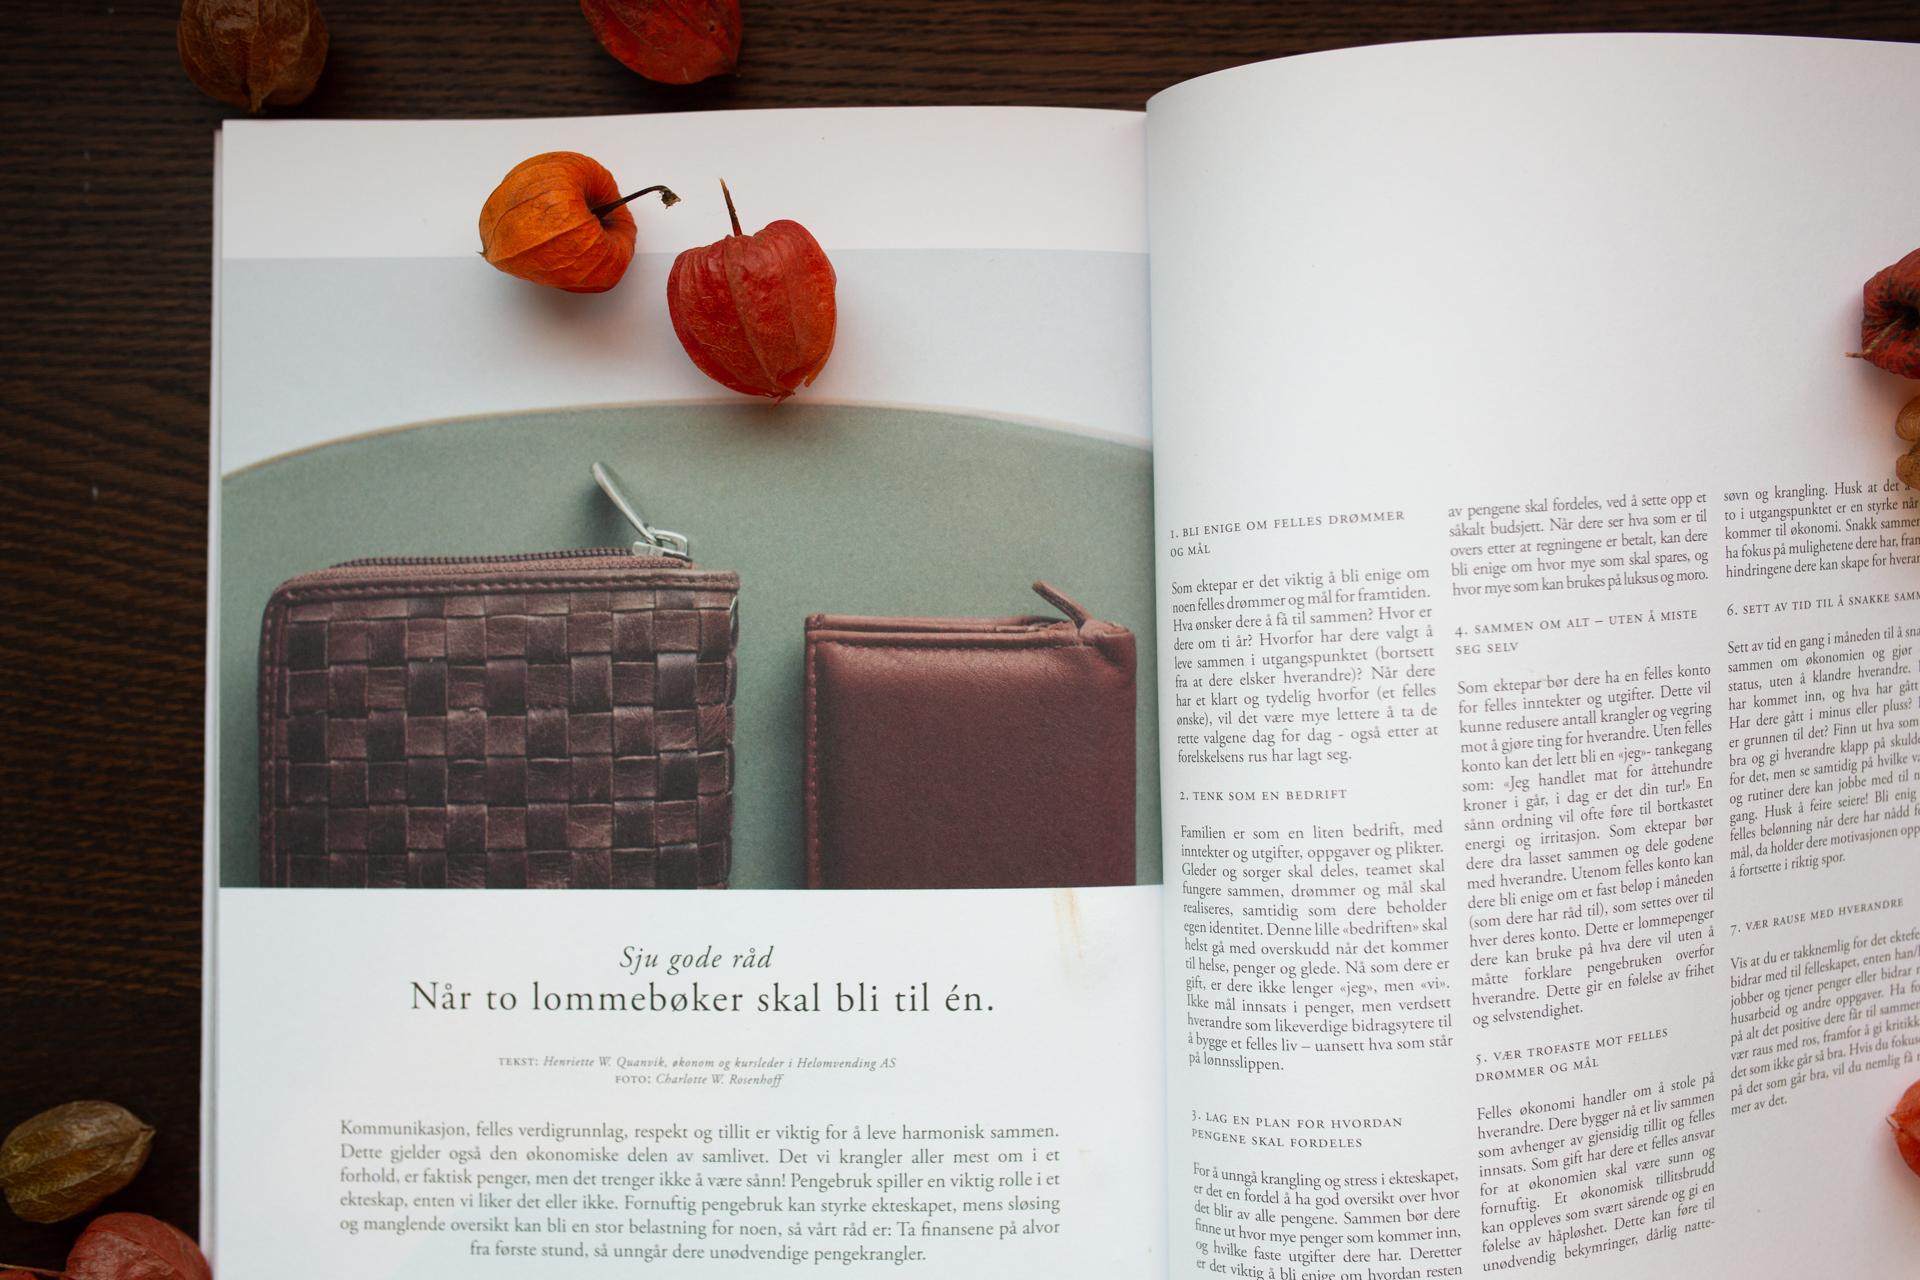 Artikkel og omtale - Helomvending - Henriette W. Quanvik